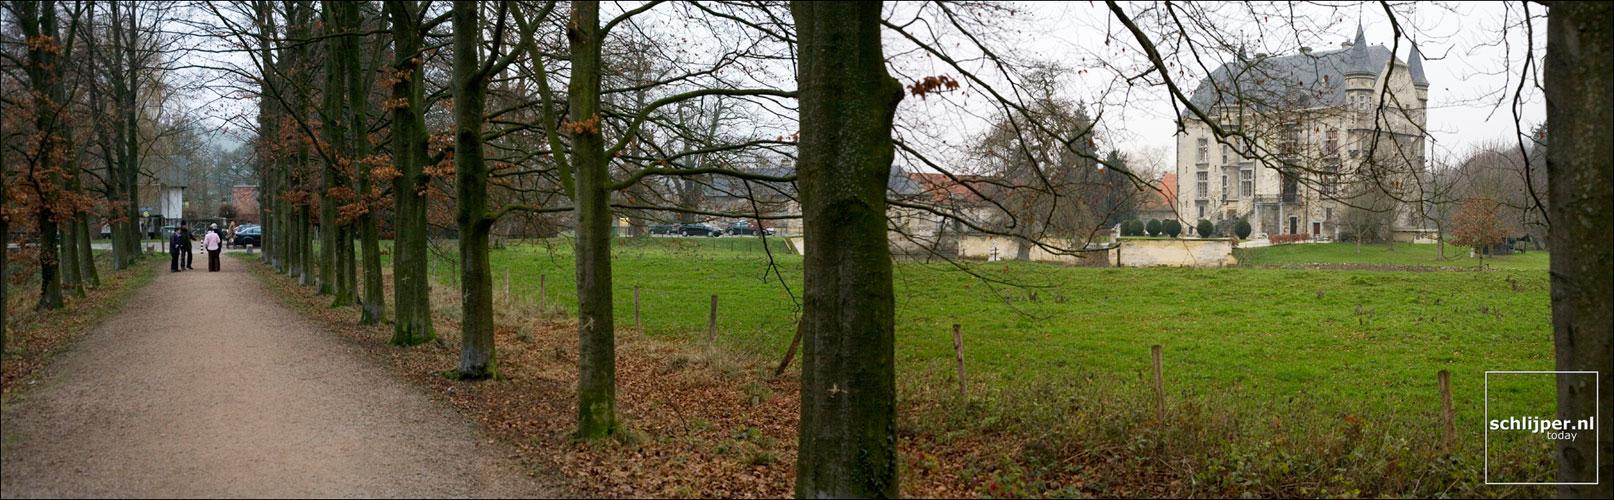 Nederland, Valkenburg, 26 december 2006